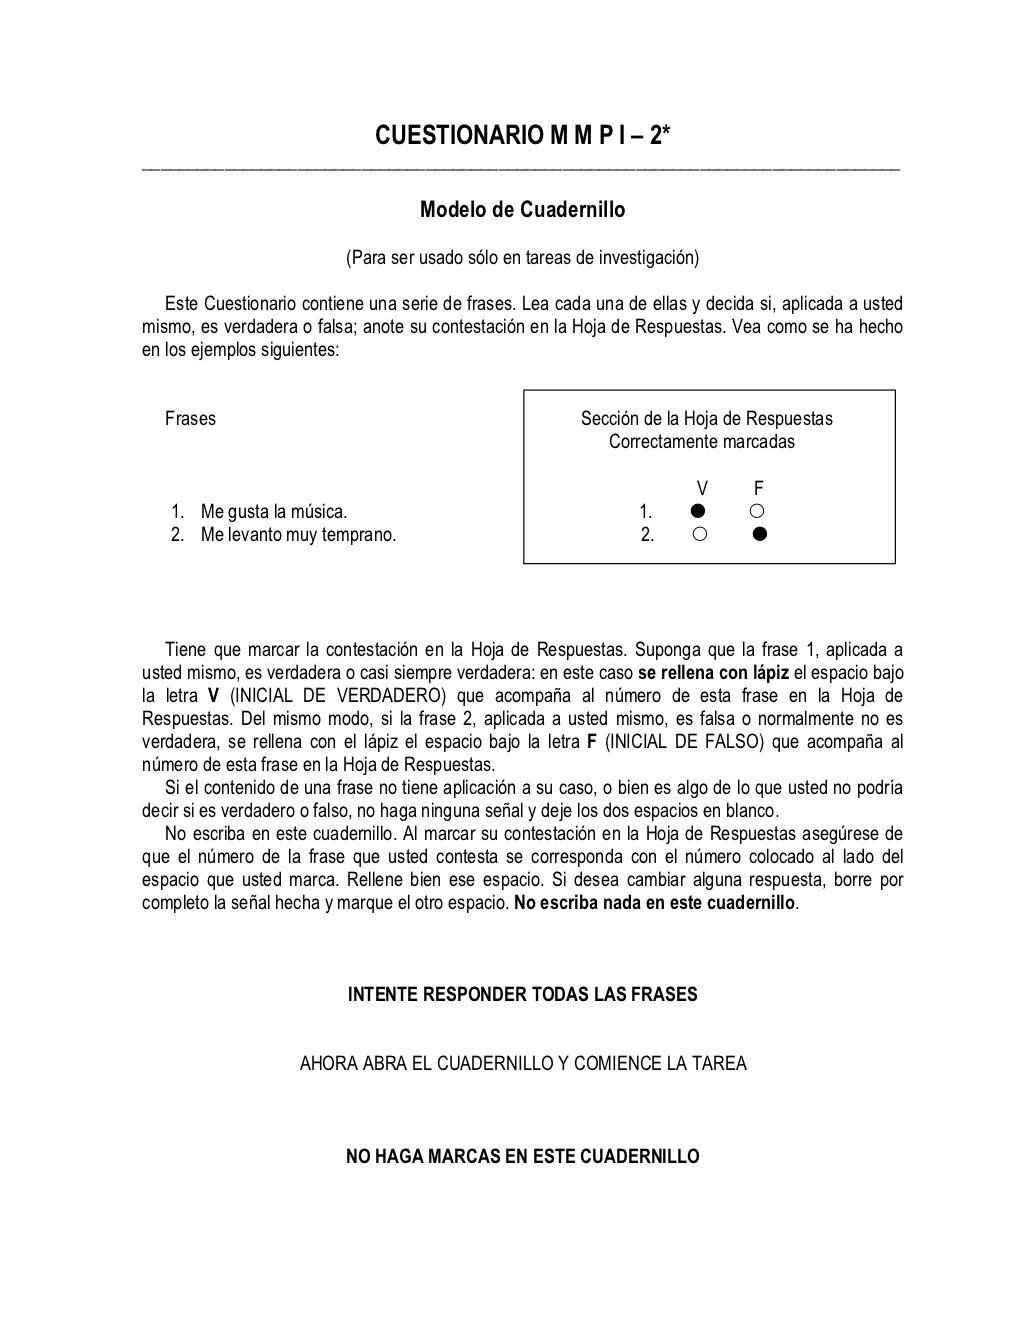 Cuadernillo del test de minesota by Cesar Pila Manosalvas via slideshare